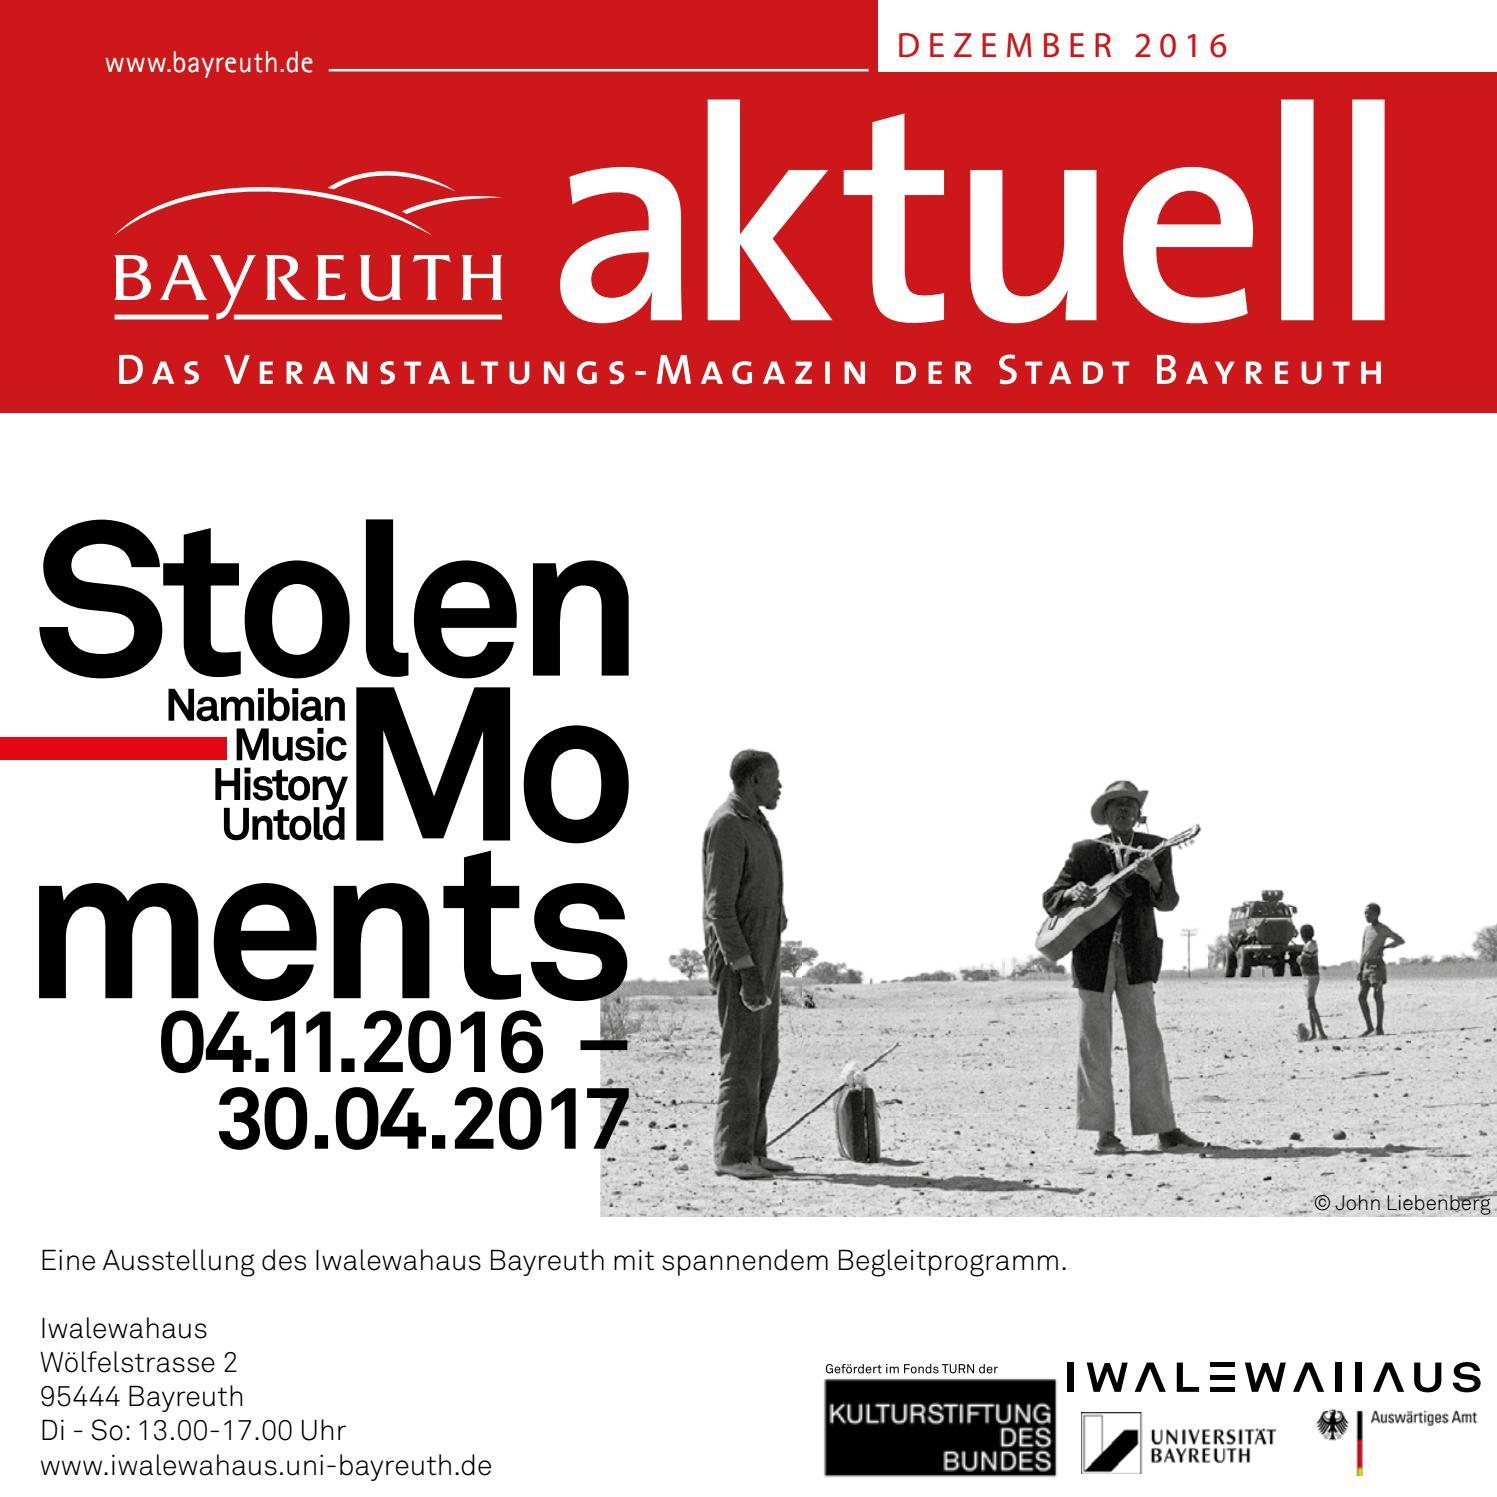 Bayreuther Festspiele Tickets Bayreuth Gute Begleiter FüR Kinder Sowie Erwachsene Tickets